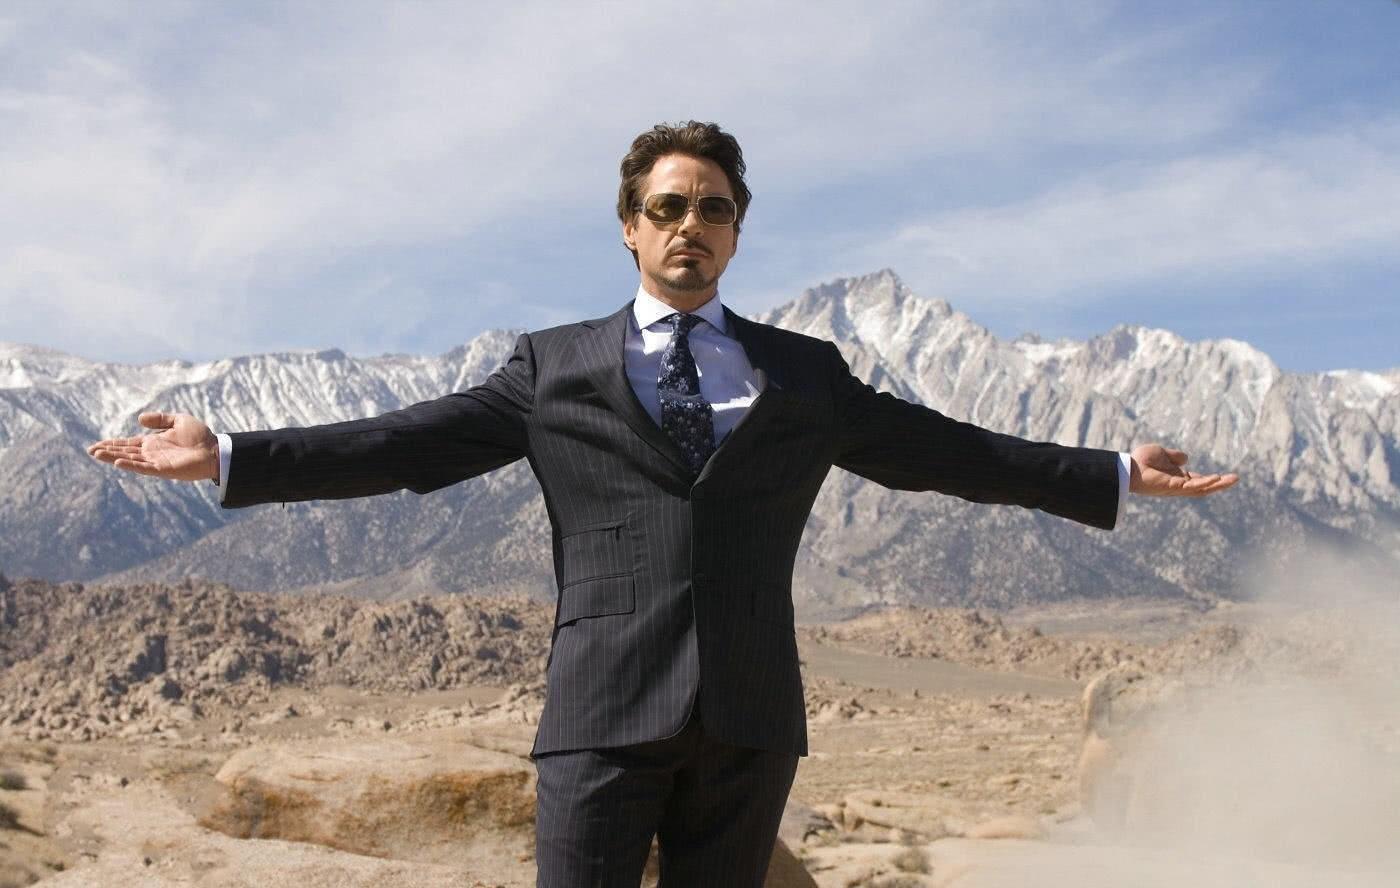 复联4最新删减镜头,众英雄集体下跪为神送行!钢铁侠一路走好!